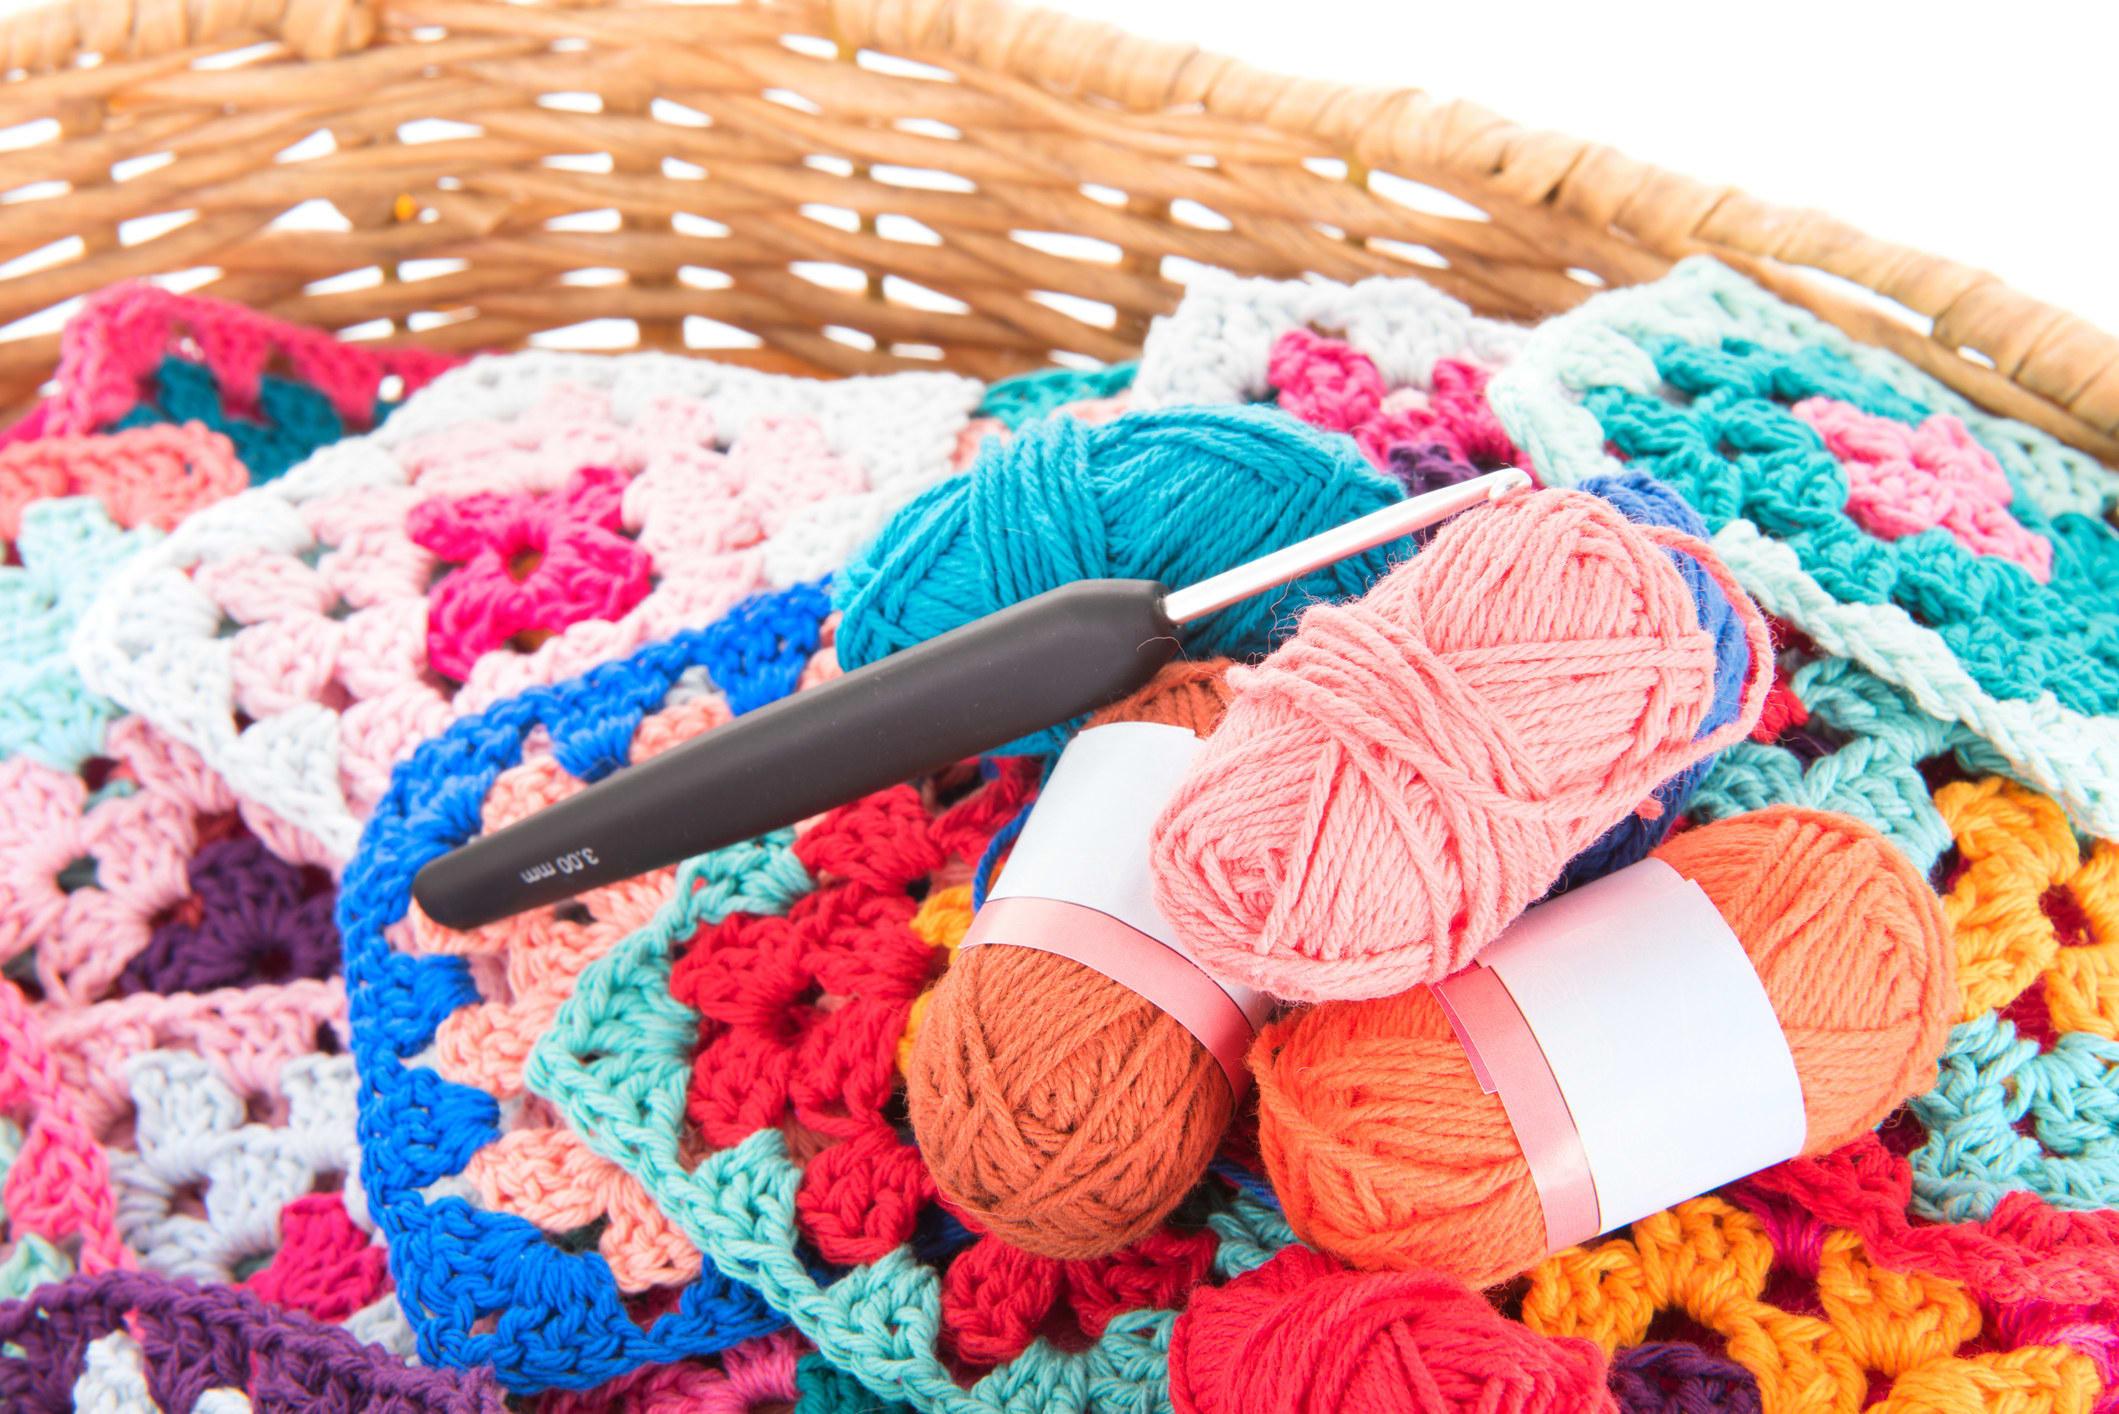 Cesta de lã com agulha de crochê